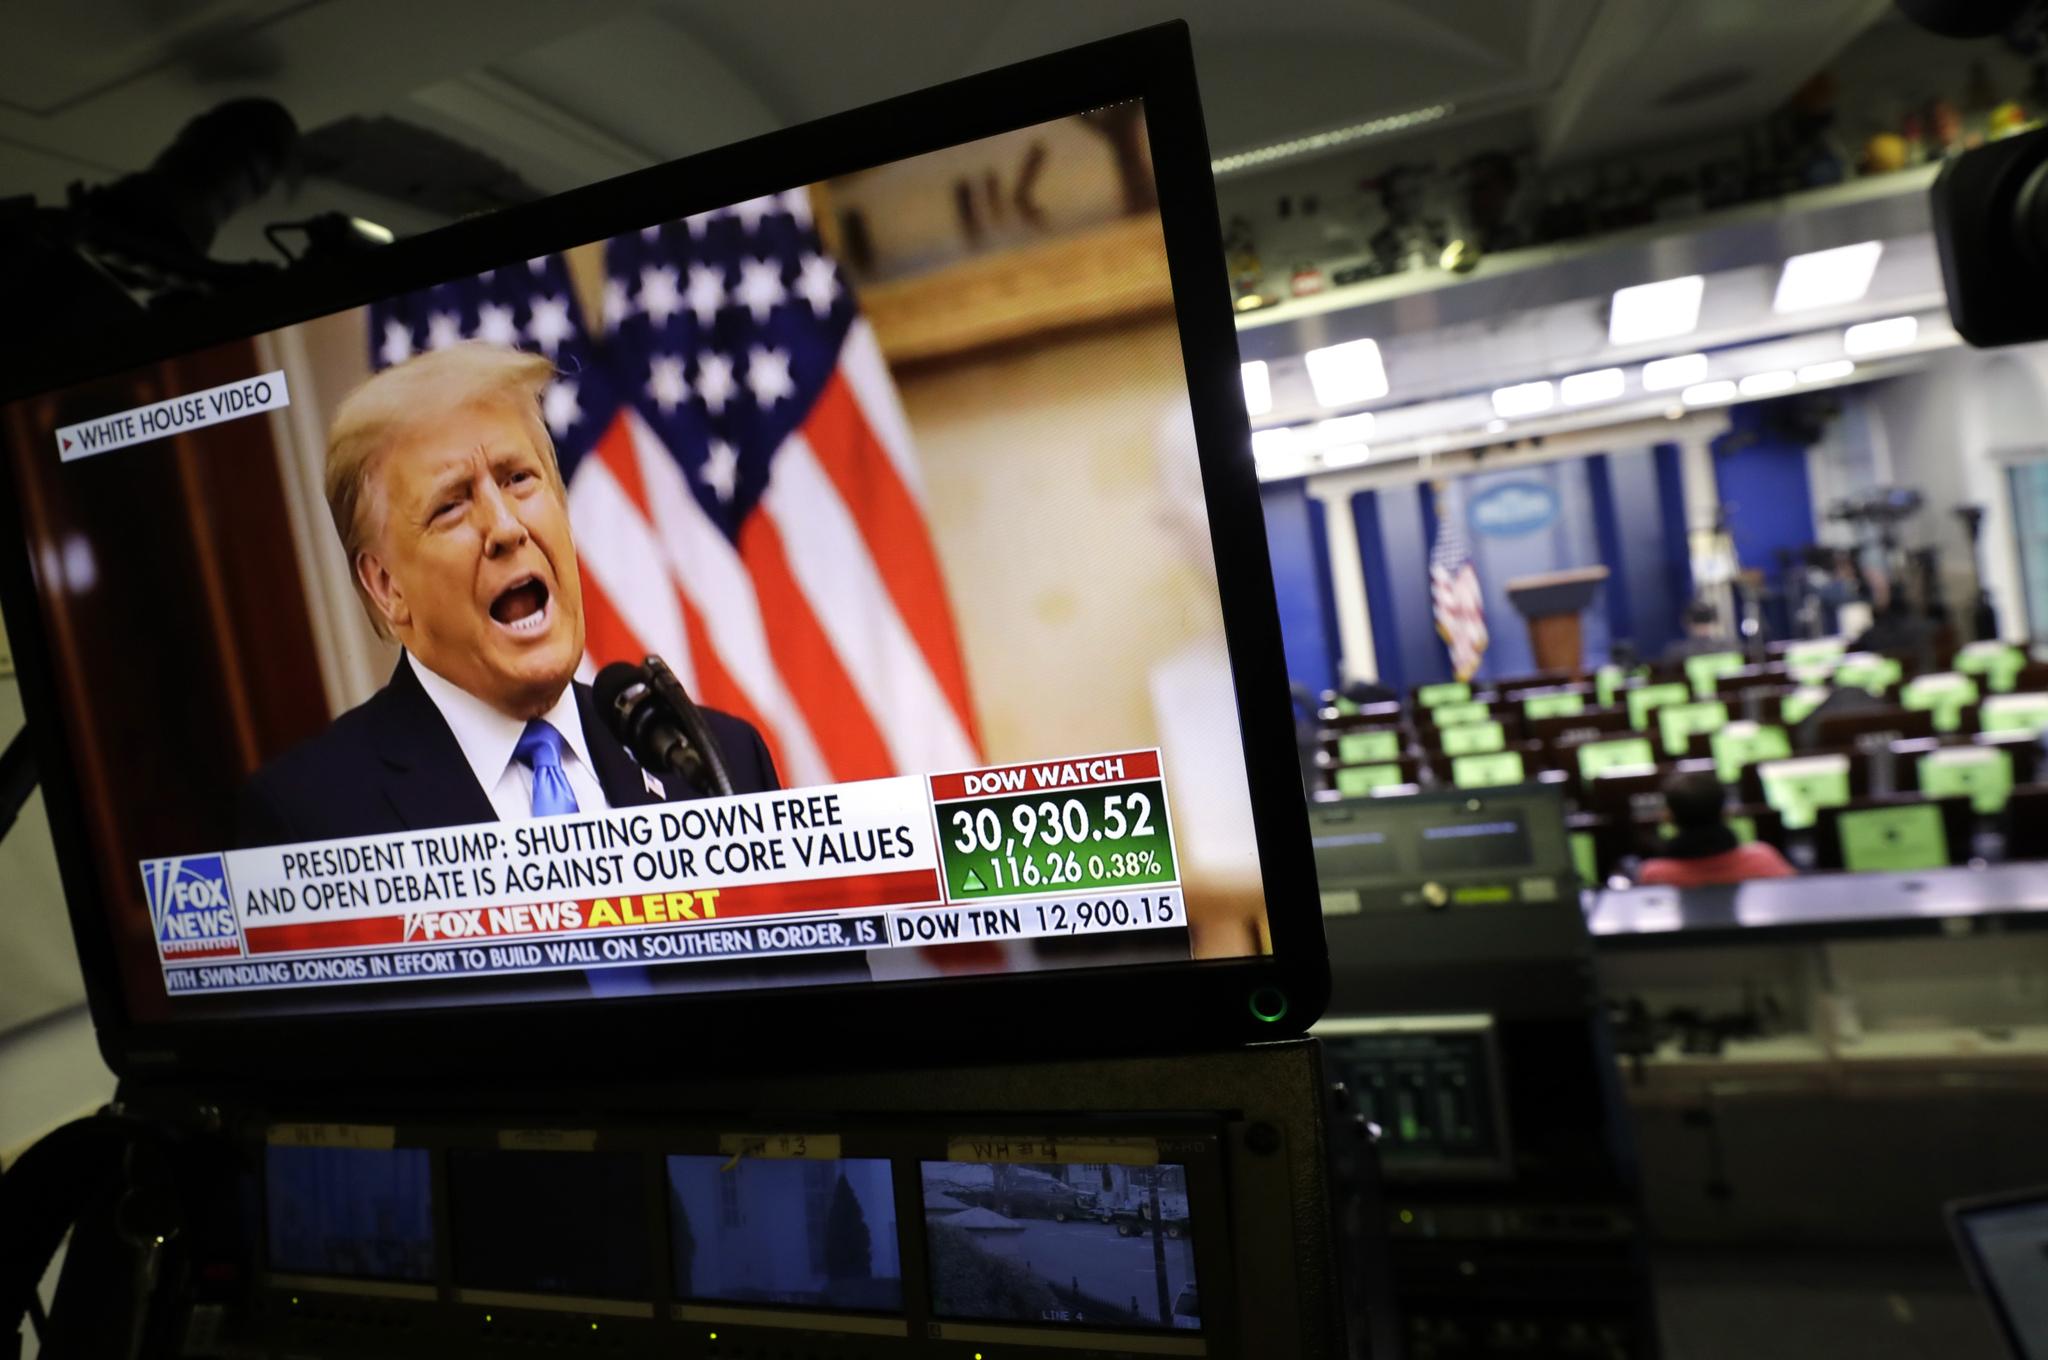 19일 트럼프의 고별 연설 비디오가 백악관 기자실 모니터에서 방송되고 있다. EPA=연합뉴스